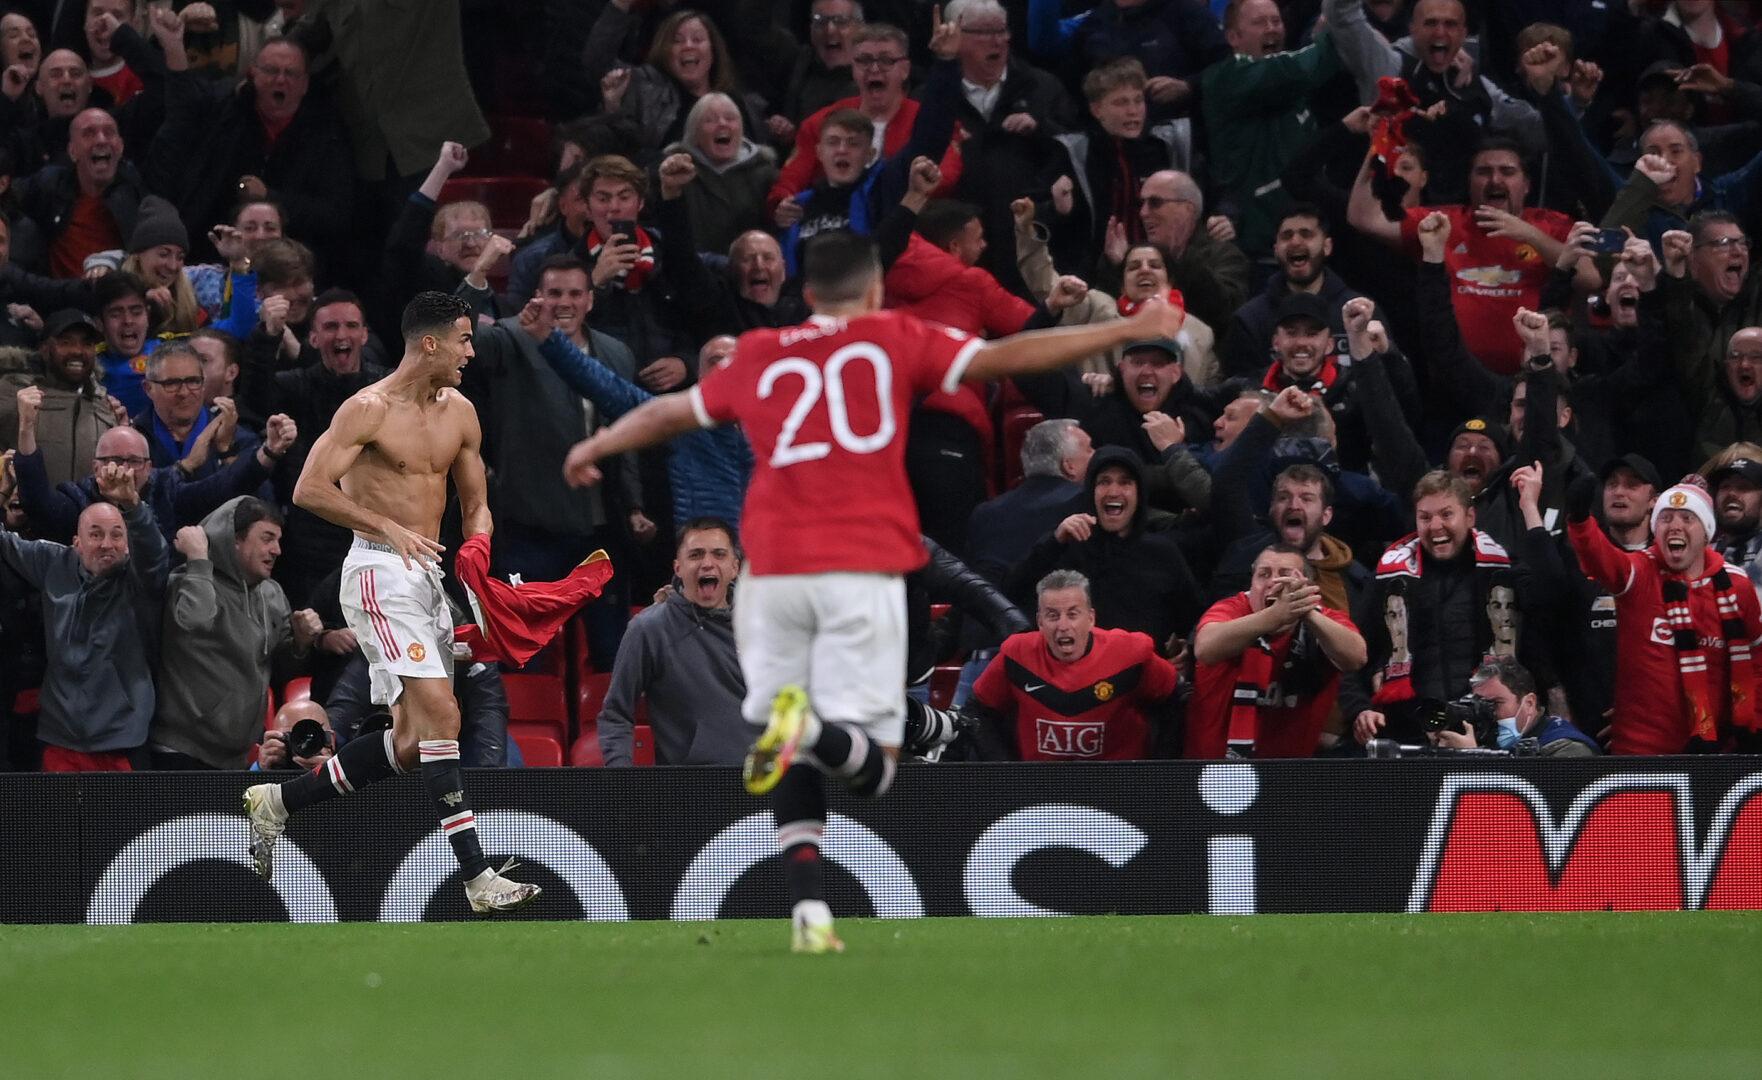 Cristiano Ronaldo bejubelt seinen Siegtreffer für ManUtd in der Champions League gegen Villarreal